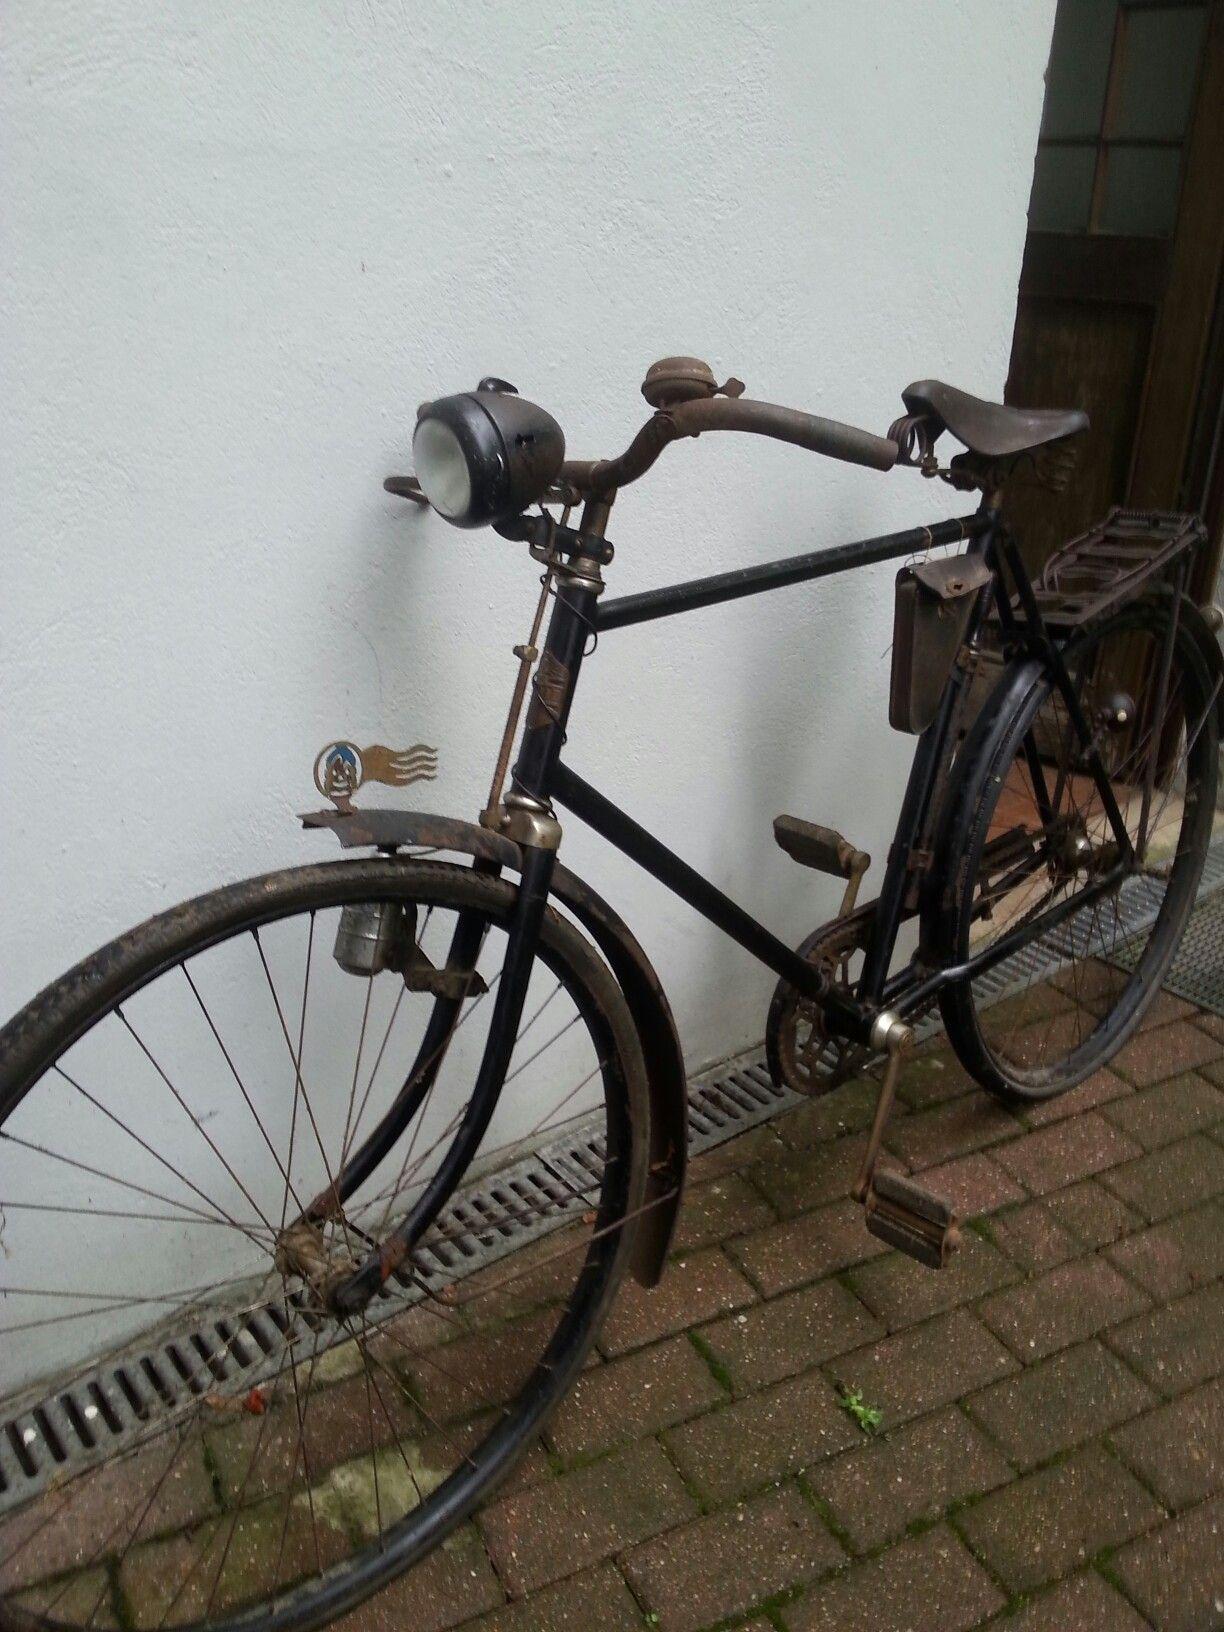 Diamant Fahrrad Model 96 Eldi Baujahr 1928 Vintage Fahrrad